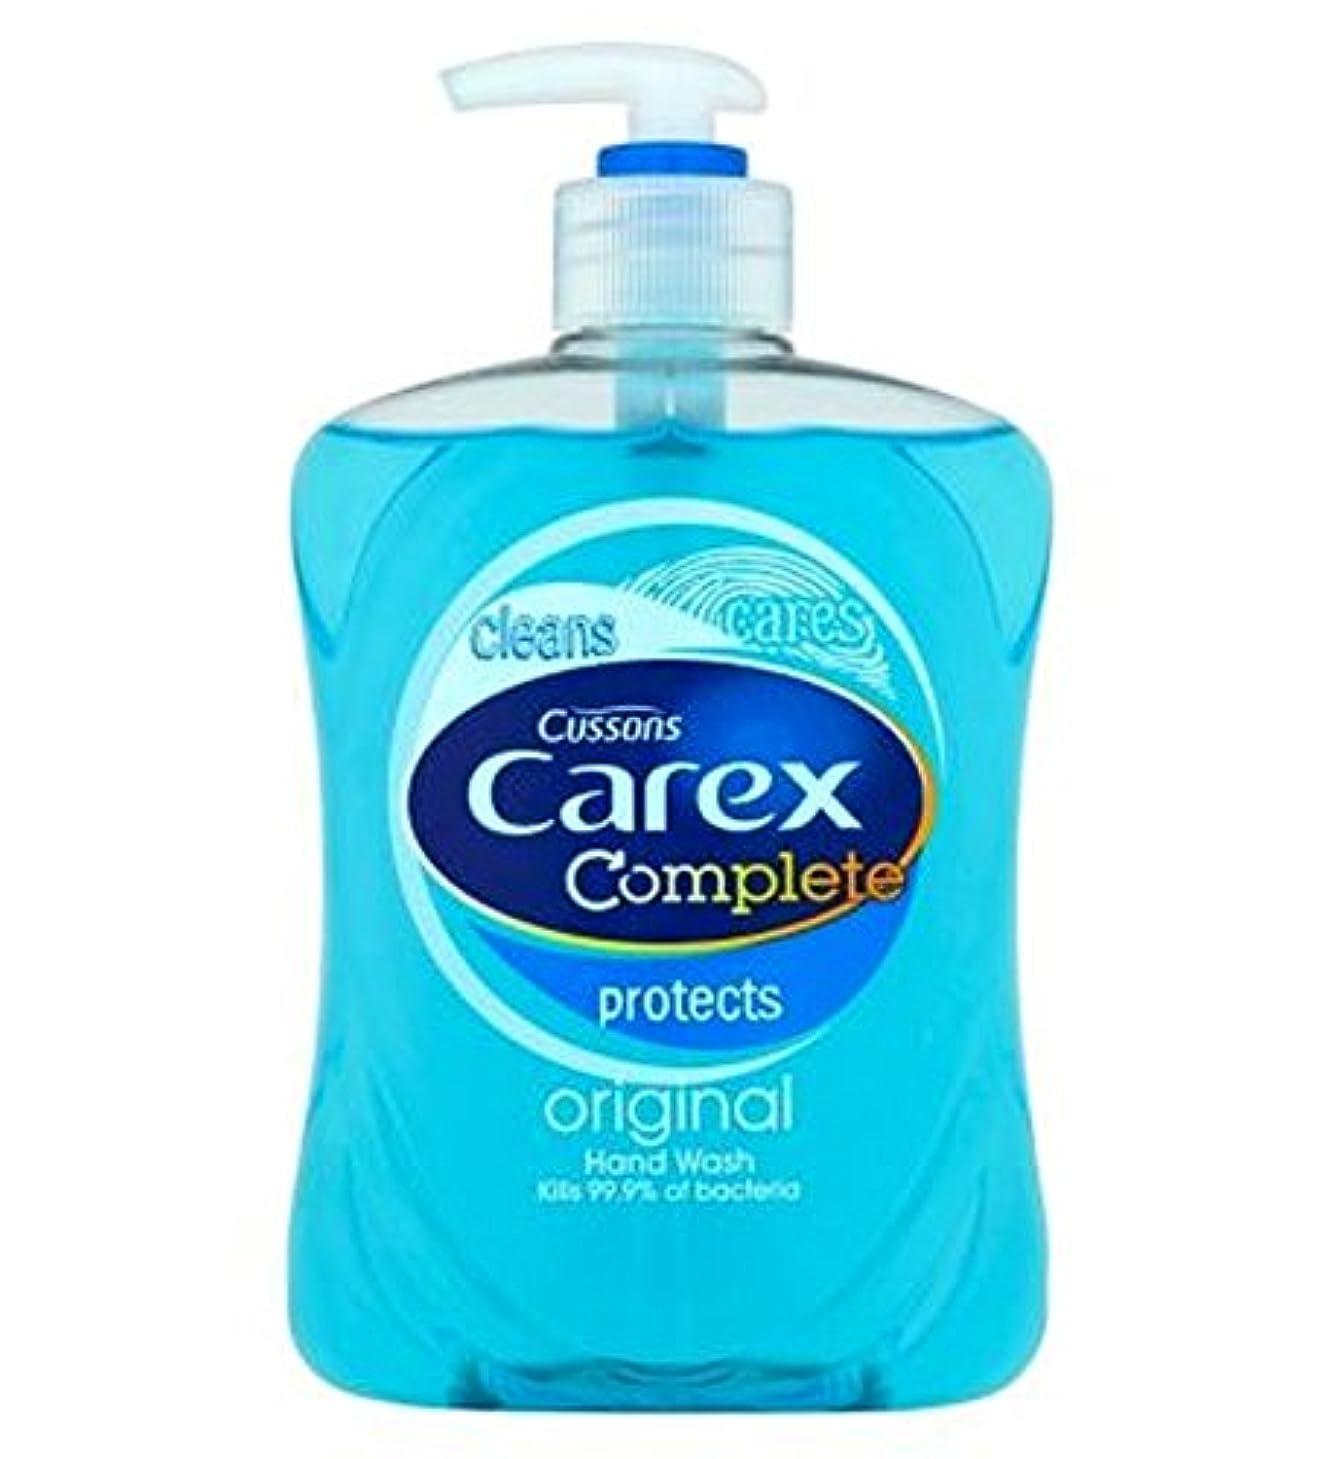 クラウド複製どういたしましてCarex Complete Original Hand Wash 500ml - スゲ属の完全オリジナルのハンドウォッシュ500ミリリットル (Carex) [並行輸入品]